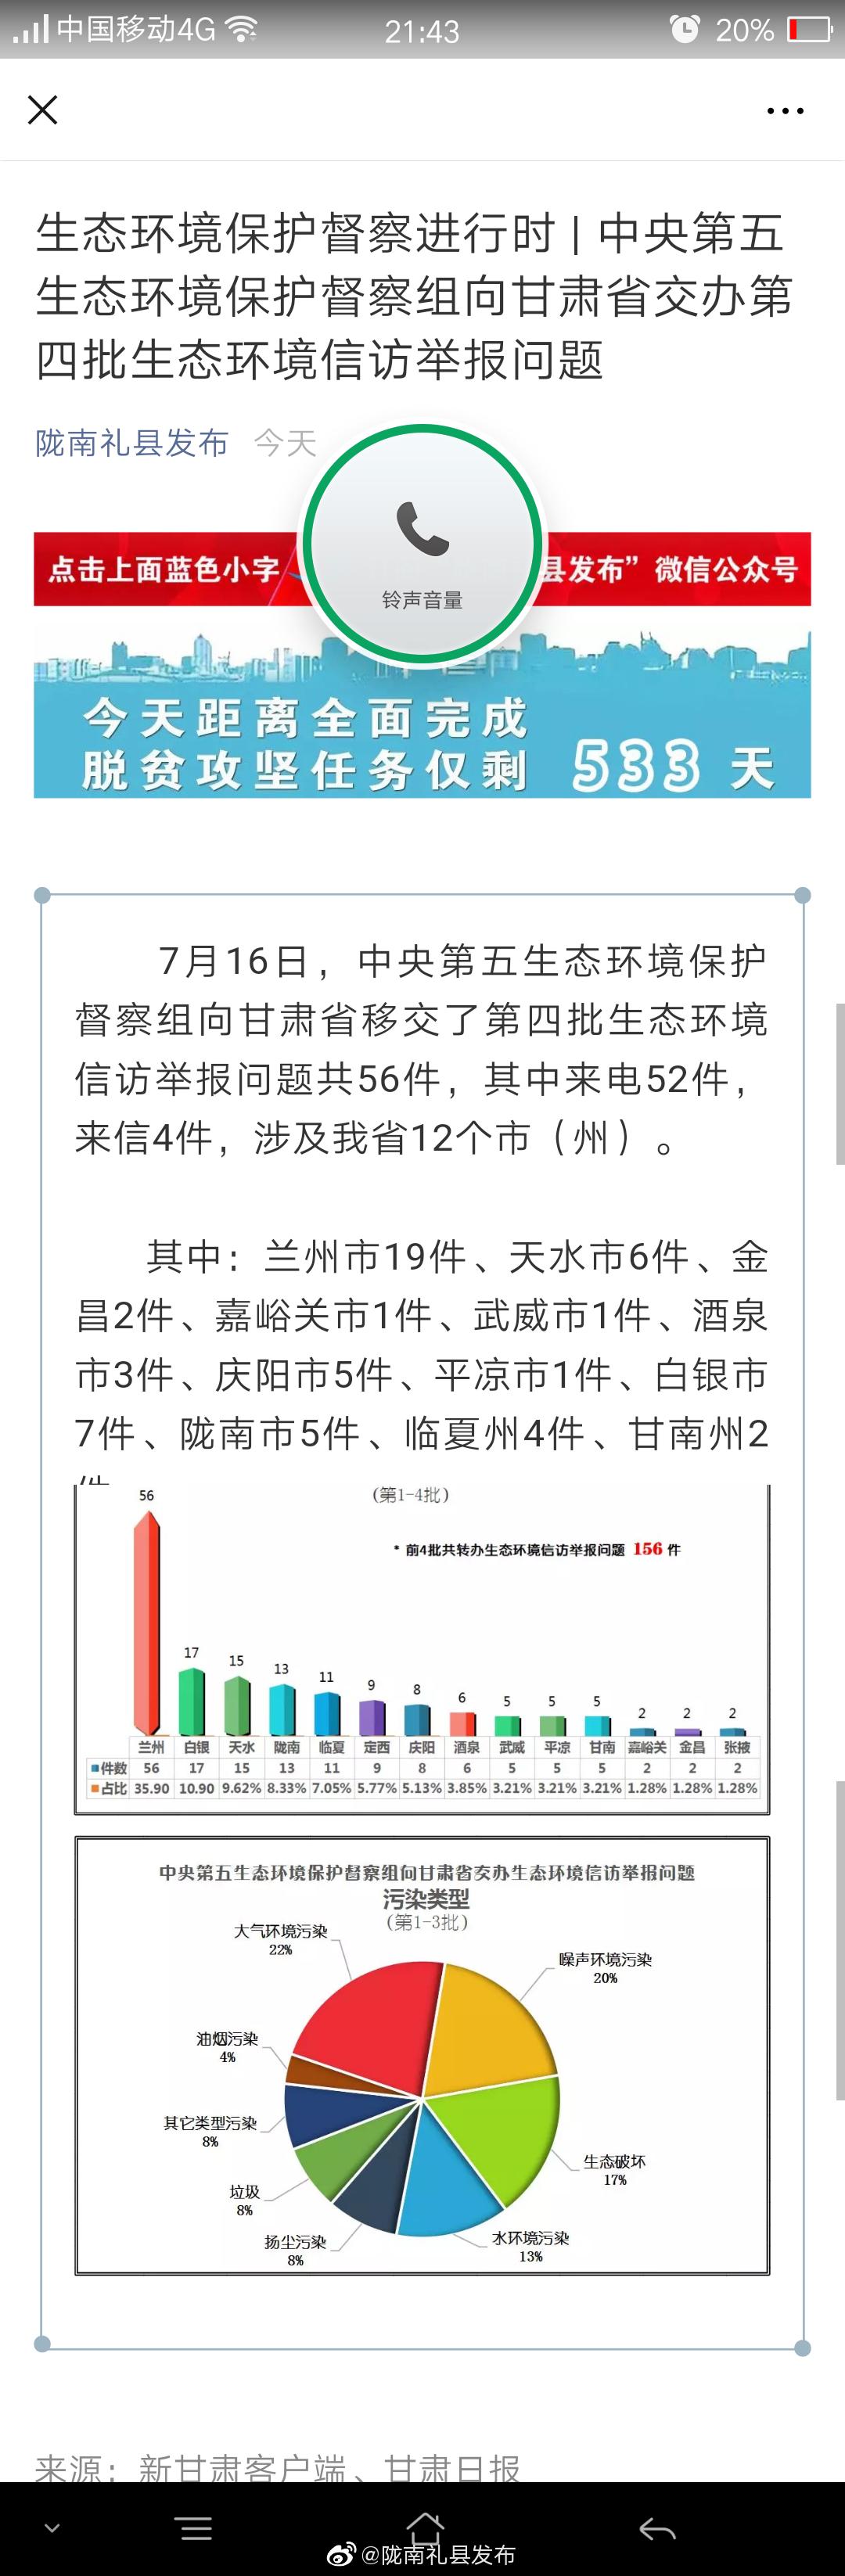 中央第五生态环境保护督察组向甘肃省交办第四批生态环境信访举报问题